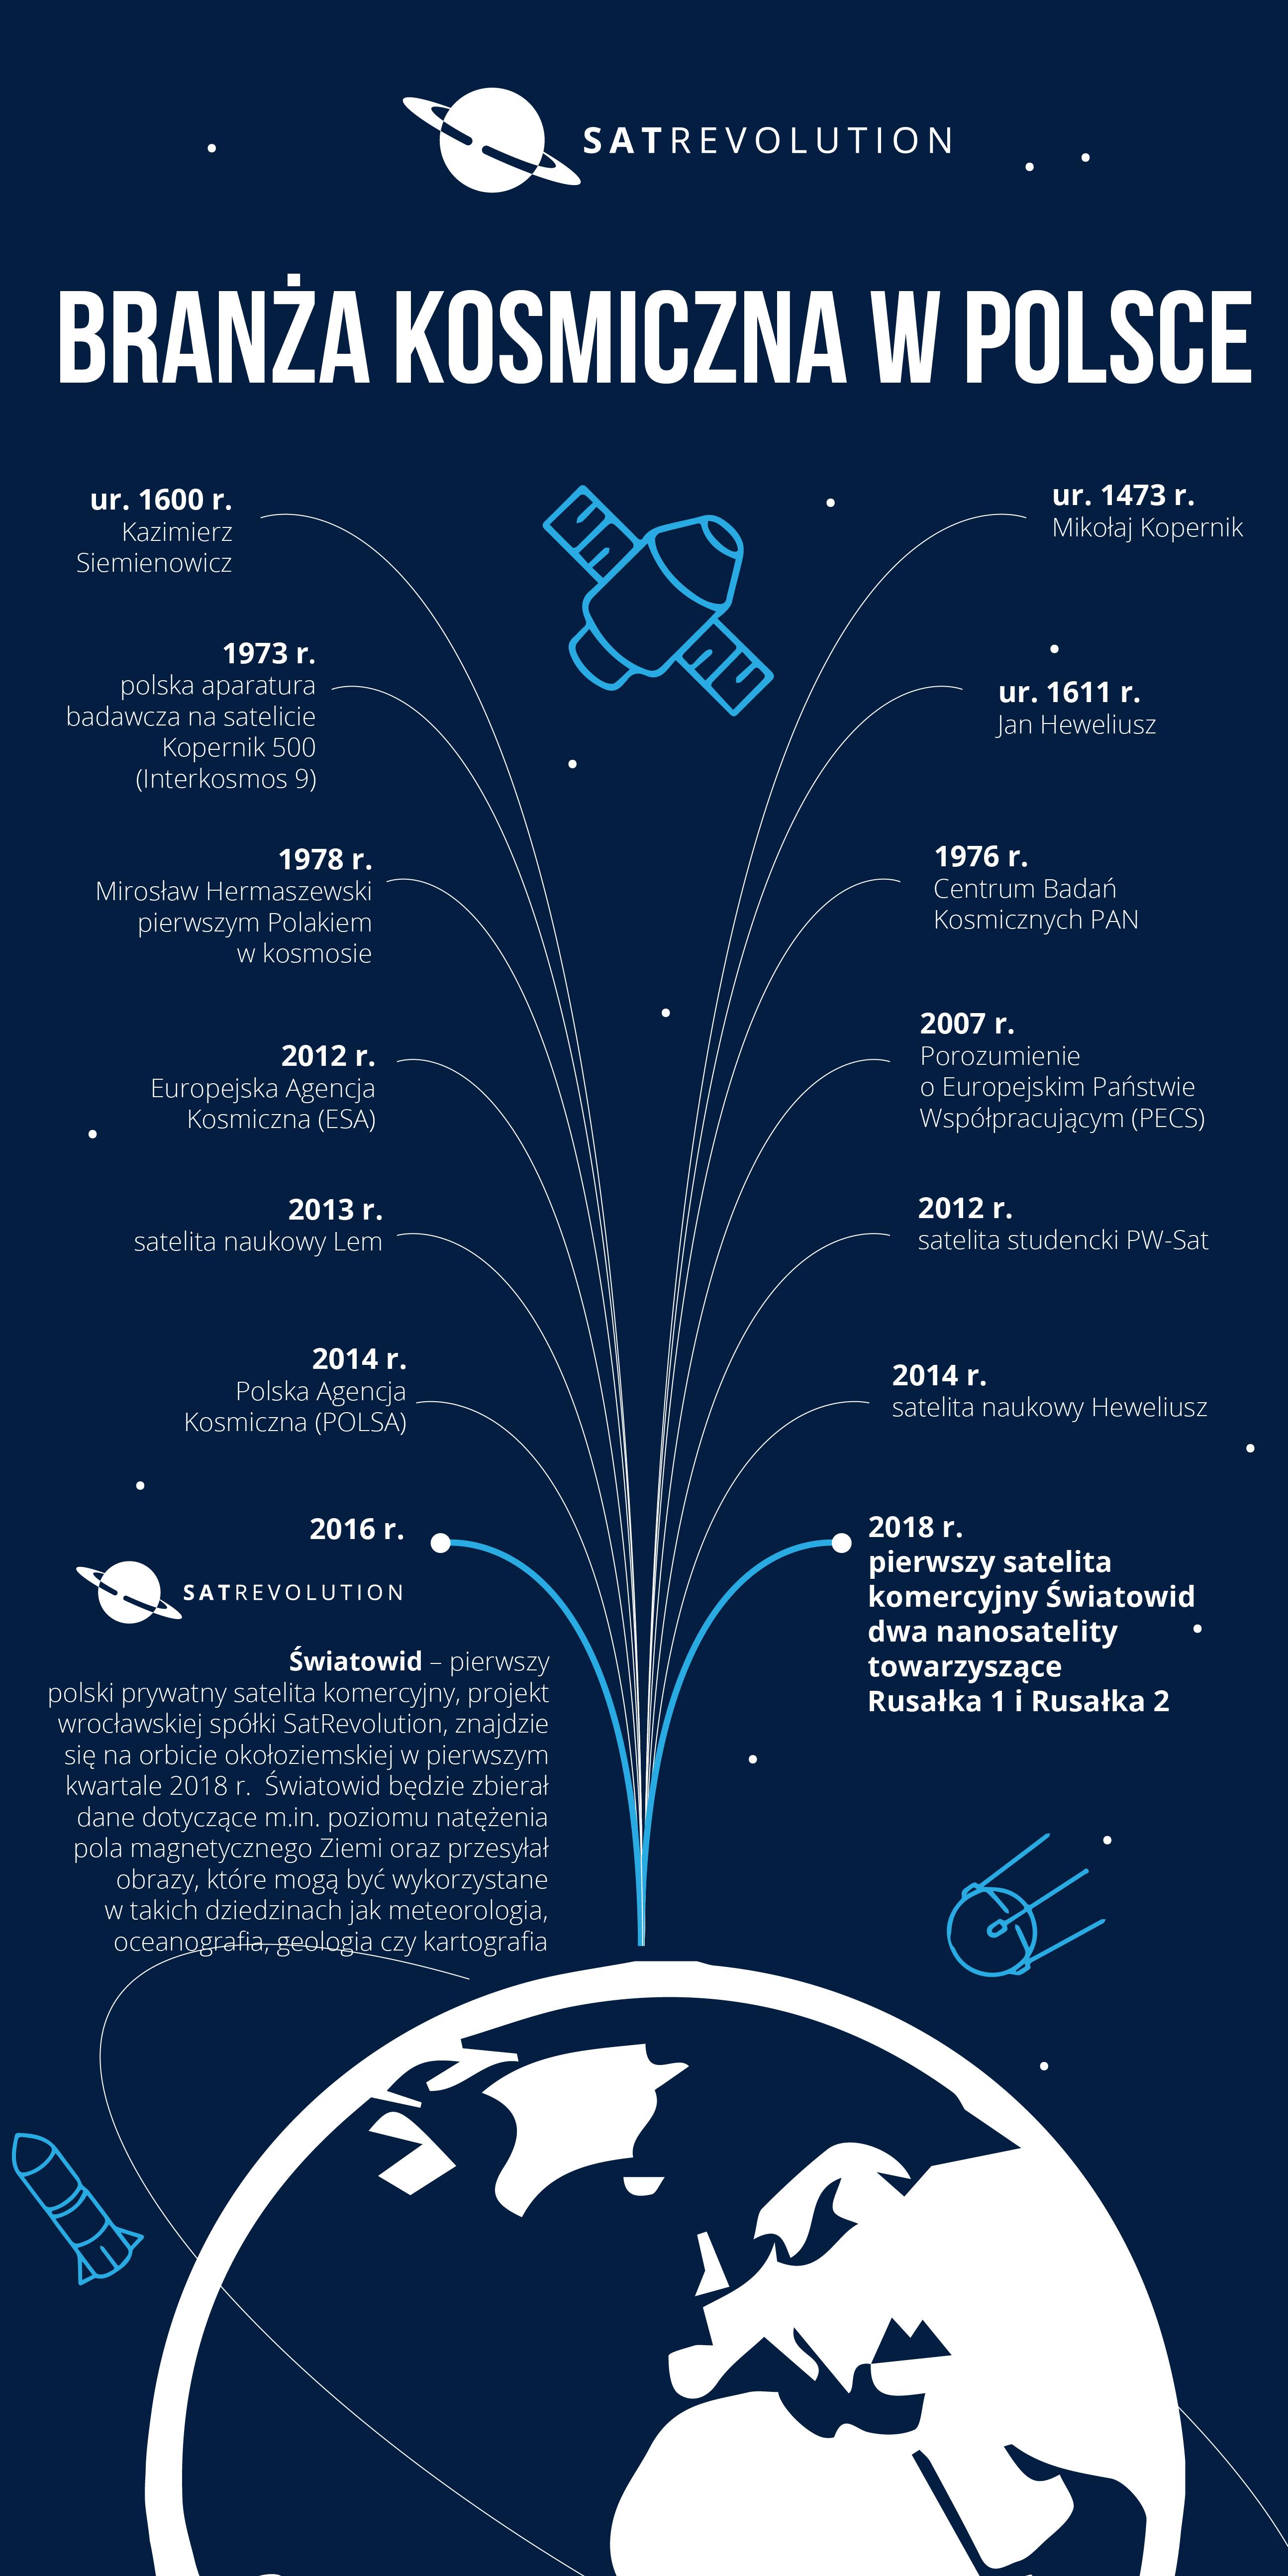 branza-kosmiczna-w-polsce_infografika